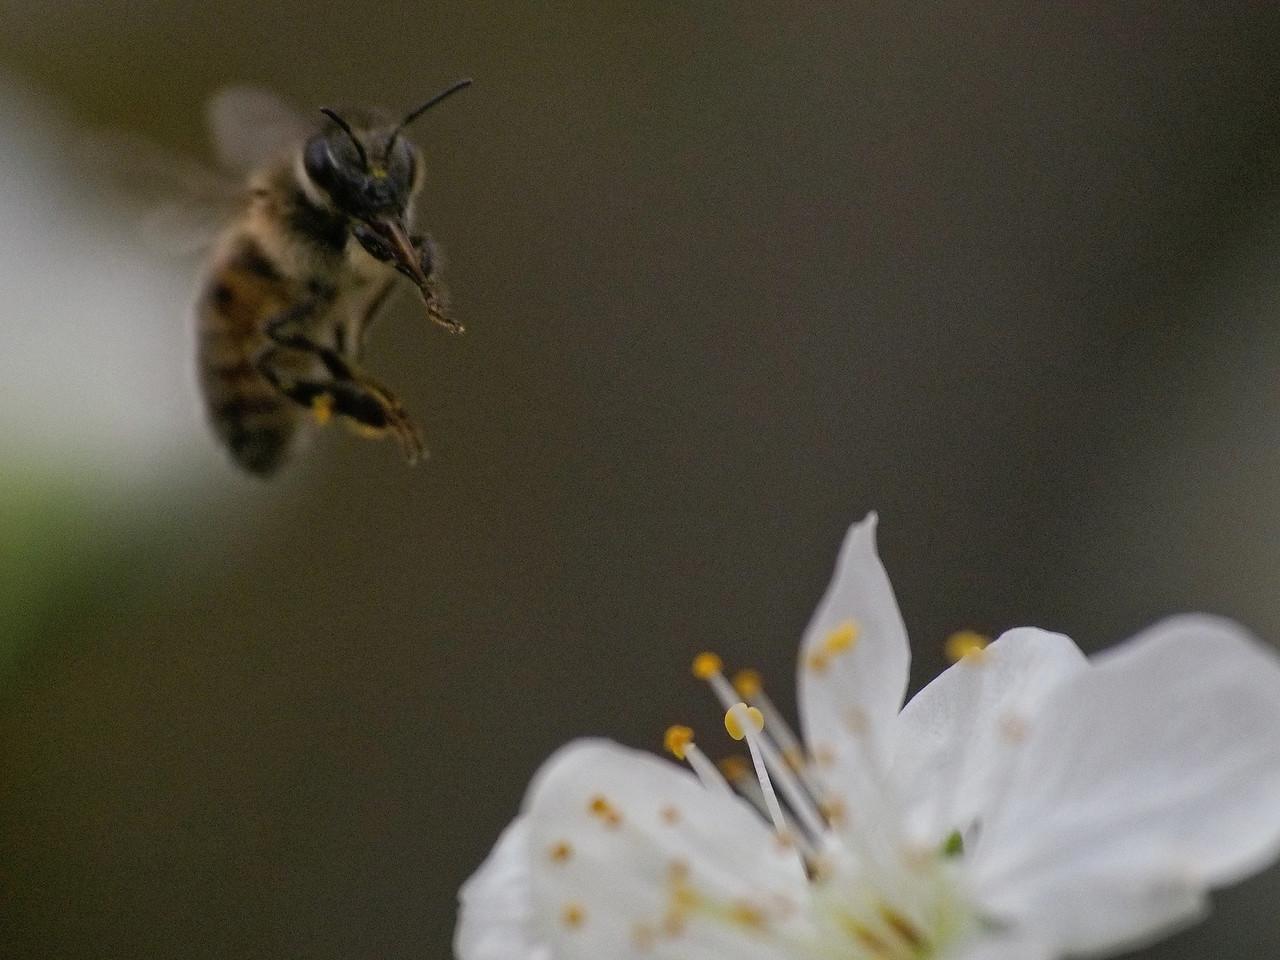 20130907_1336_1661 plum blossom bee